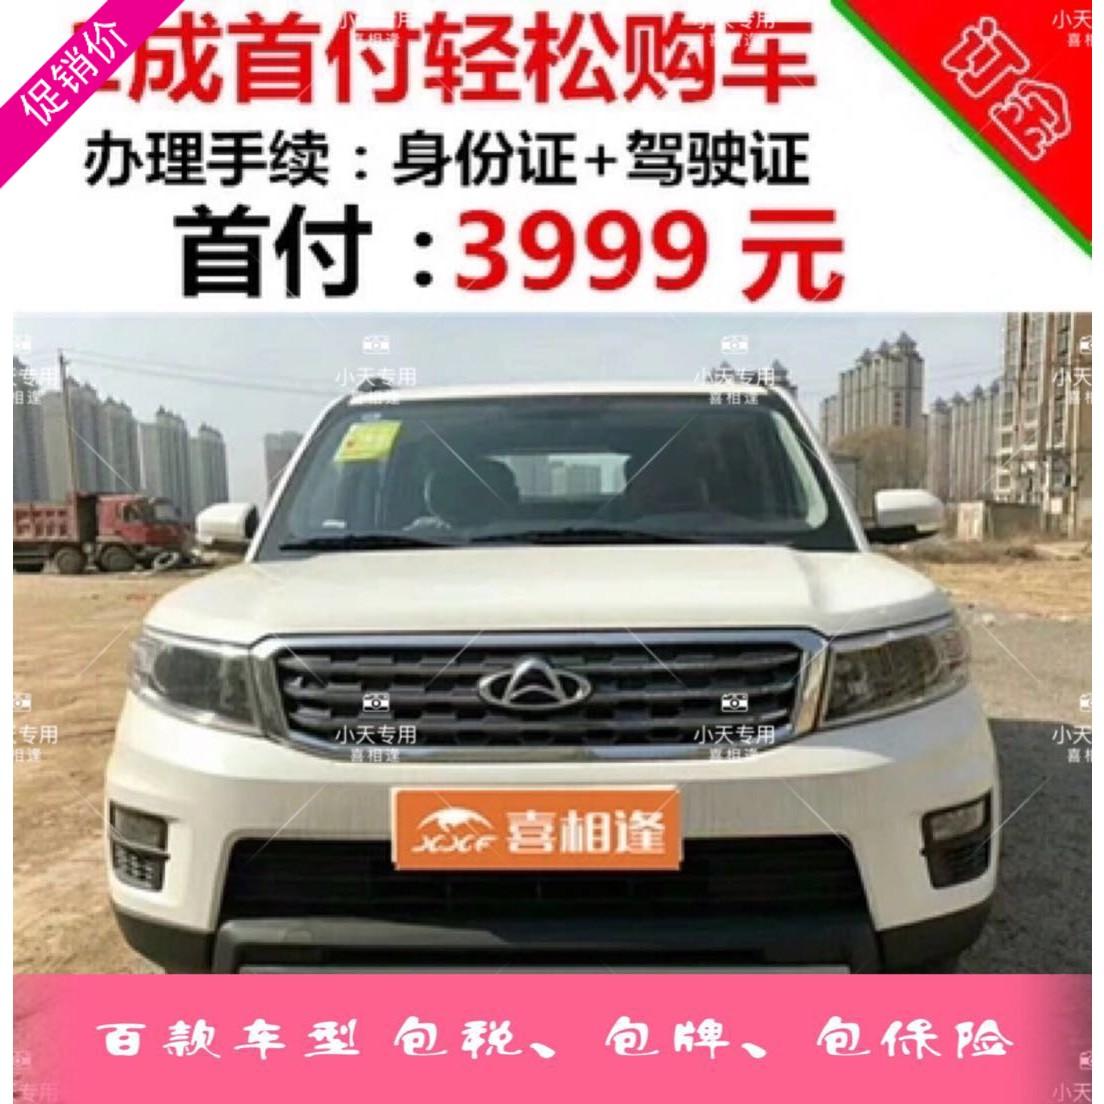 长安欧尚X70A 国产汽车分期 大搜车新车二手车整车车 低首付免息